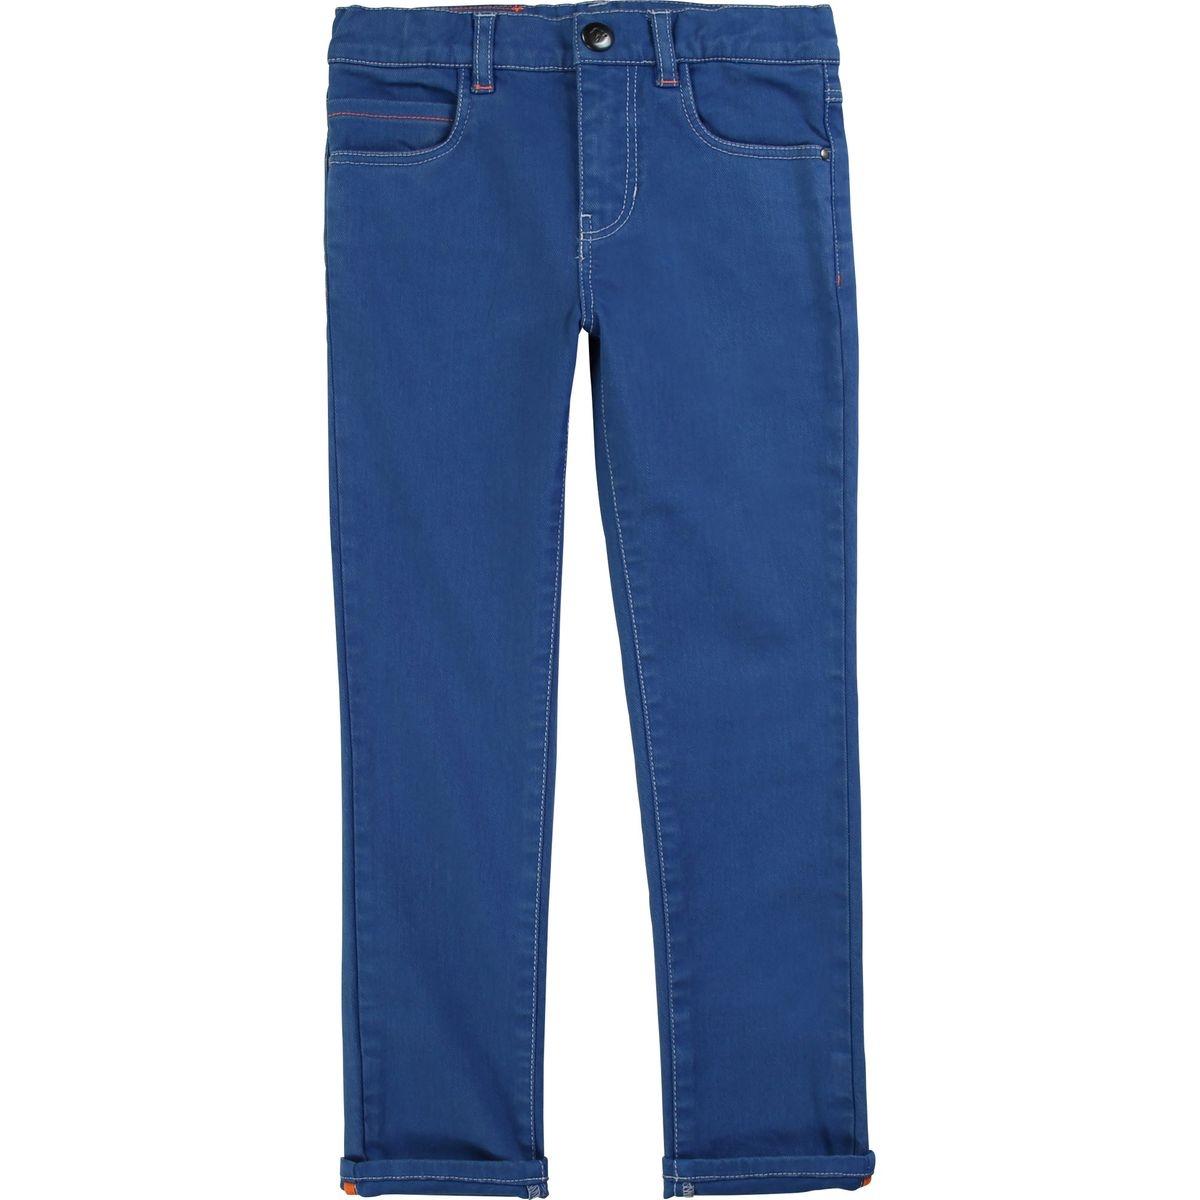 Pantalon slim twill de coton